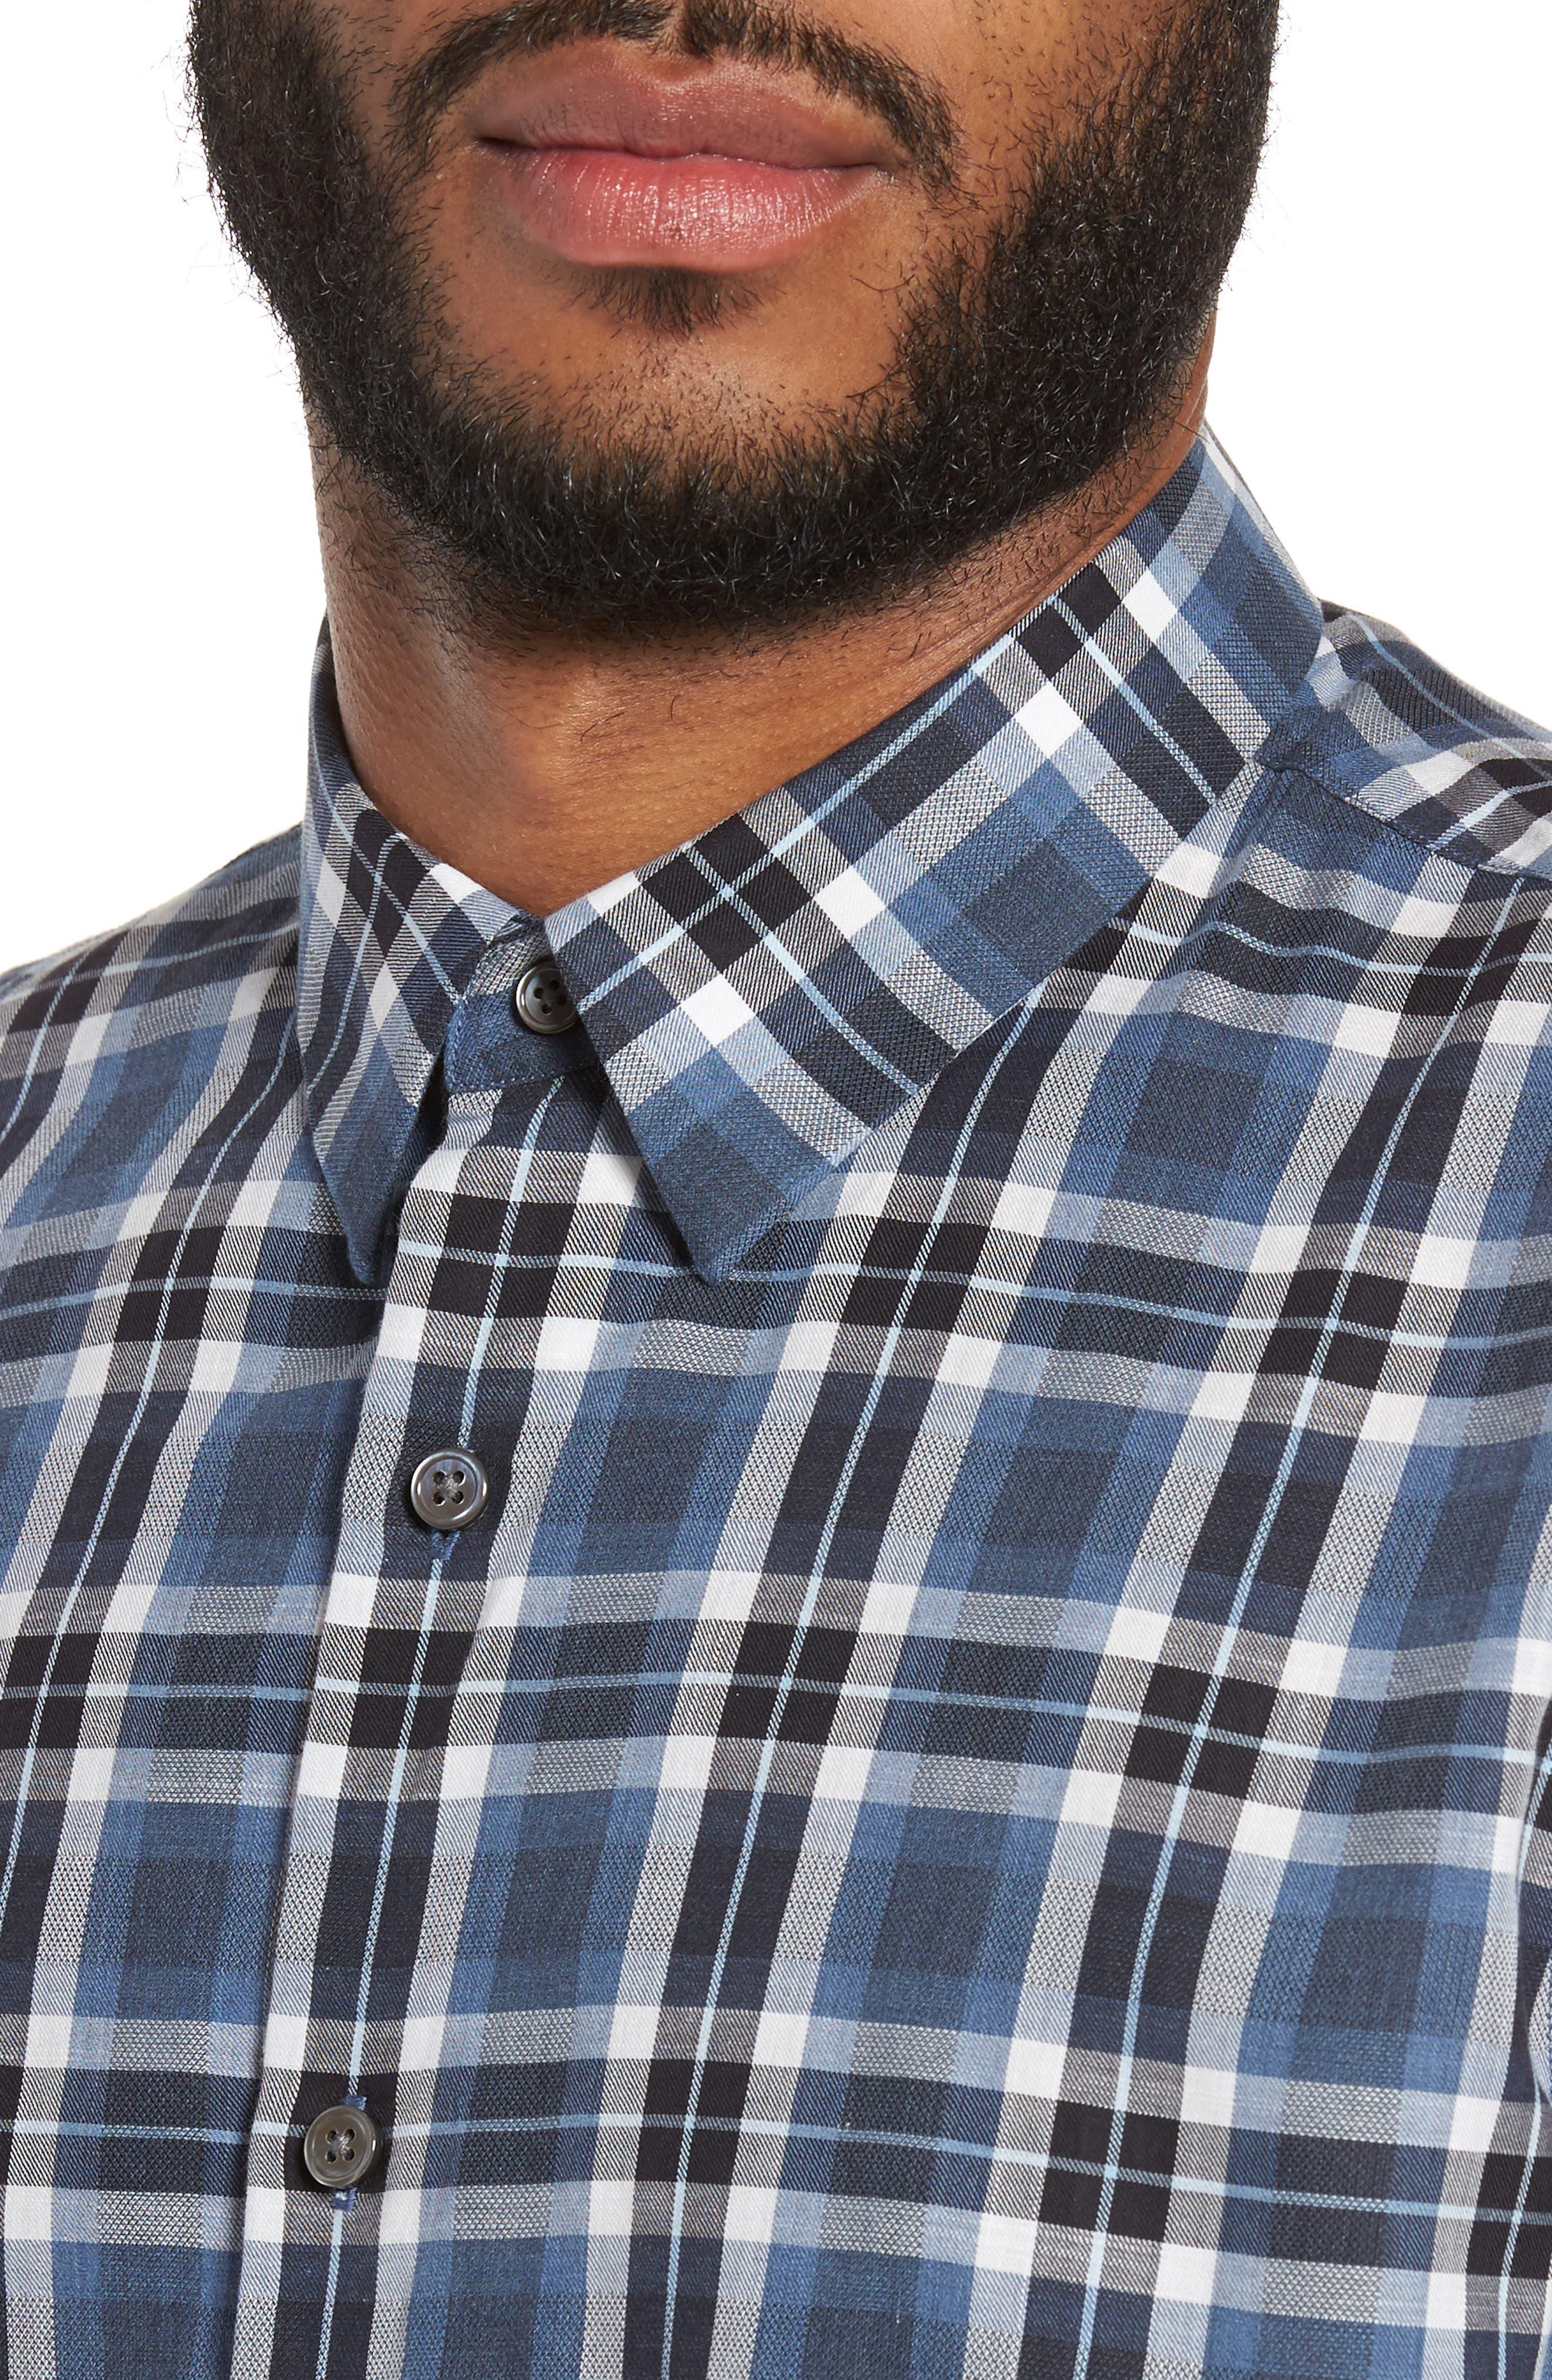 Trim Fit Plaid Flannel Shirt,                             Alternate thumbnail 4, color,                             River Multi